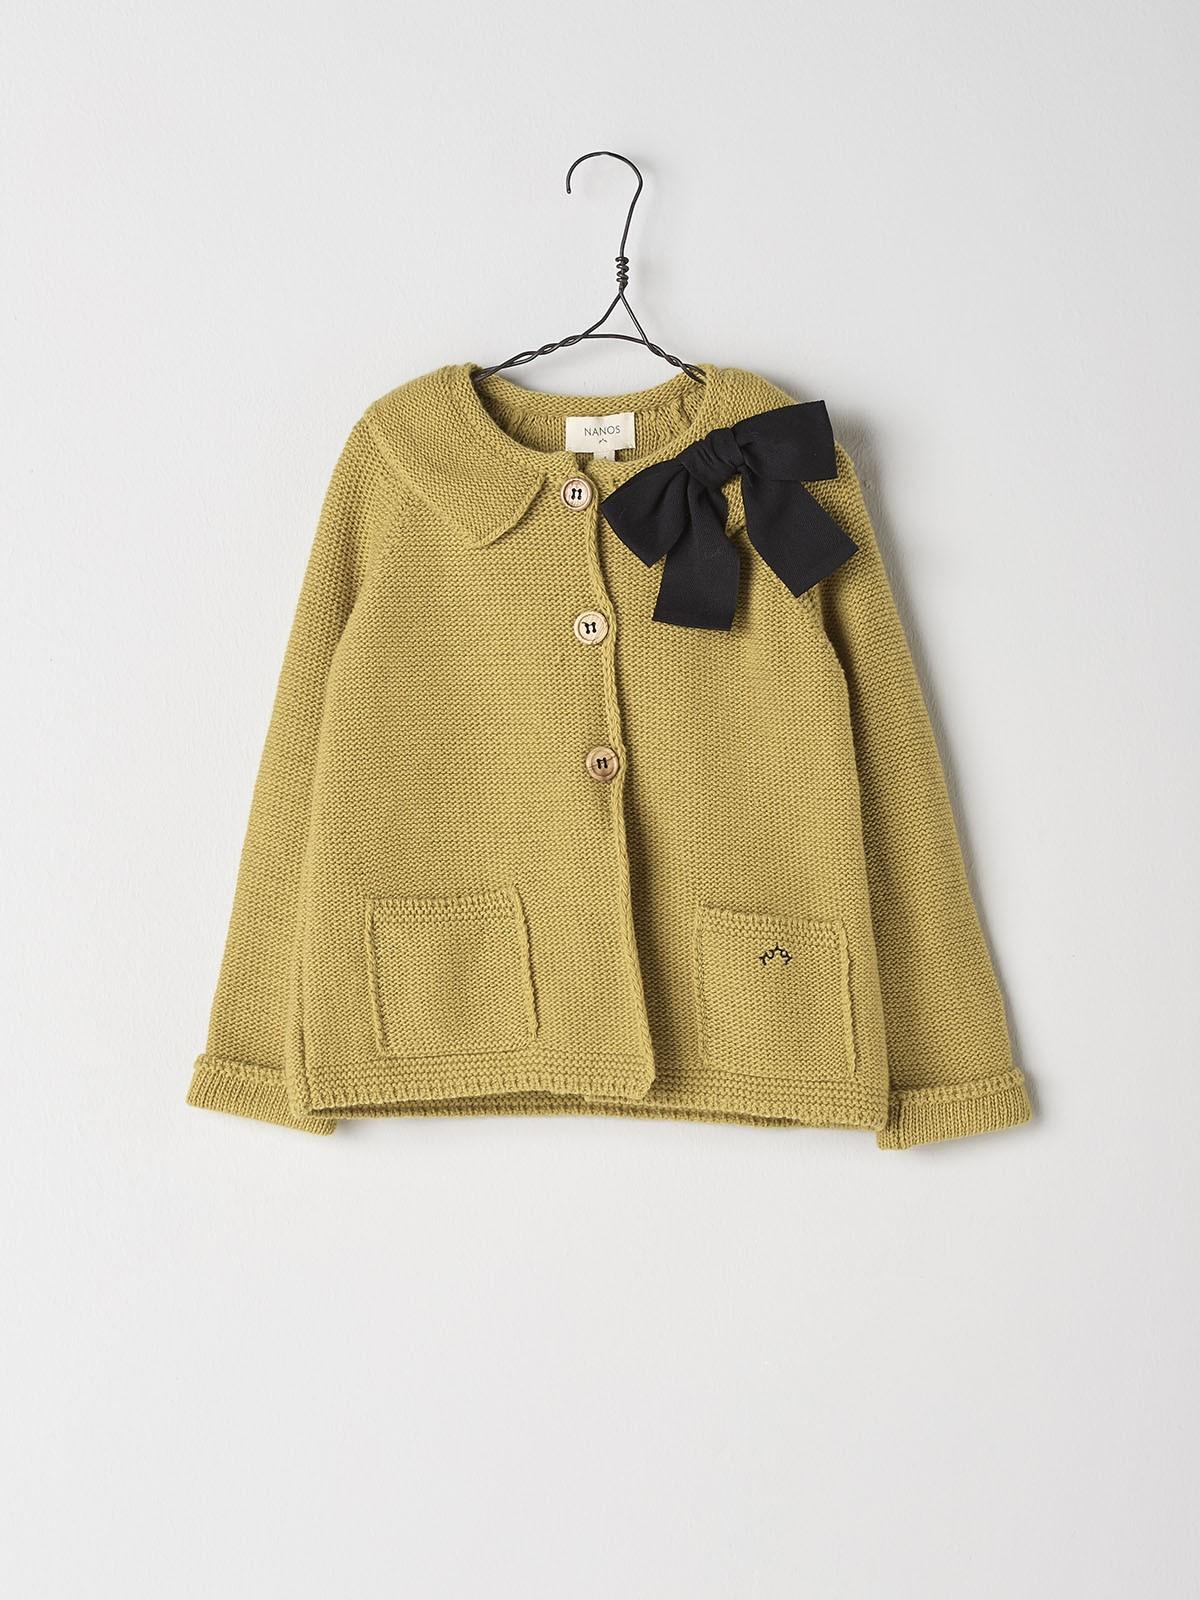 NANOS 黃色針織外套